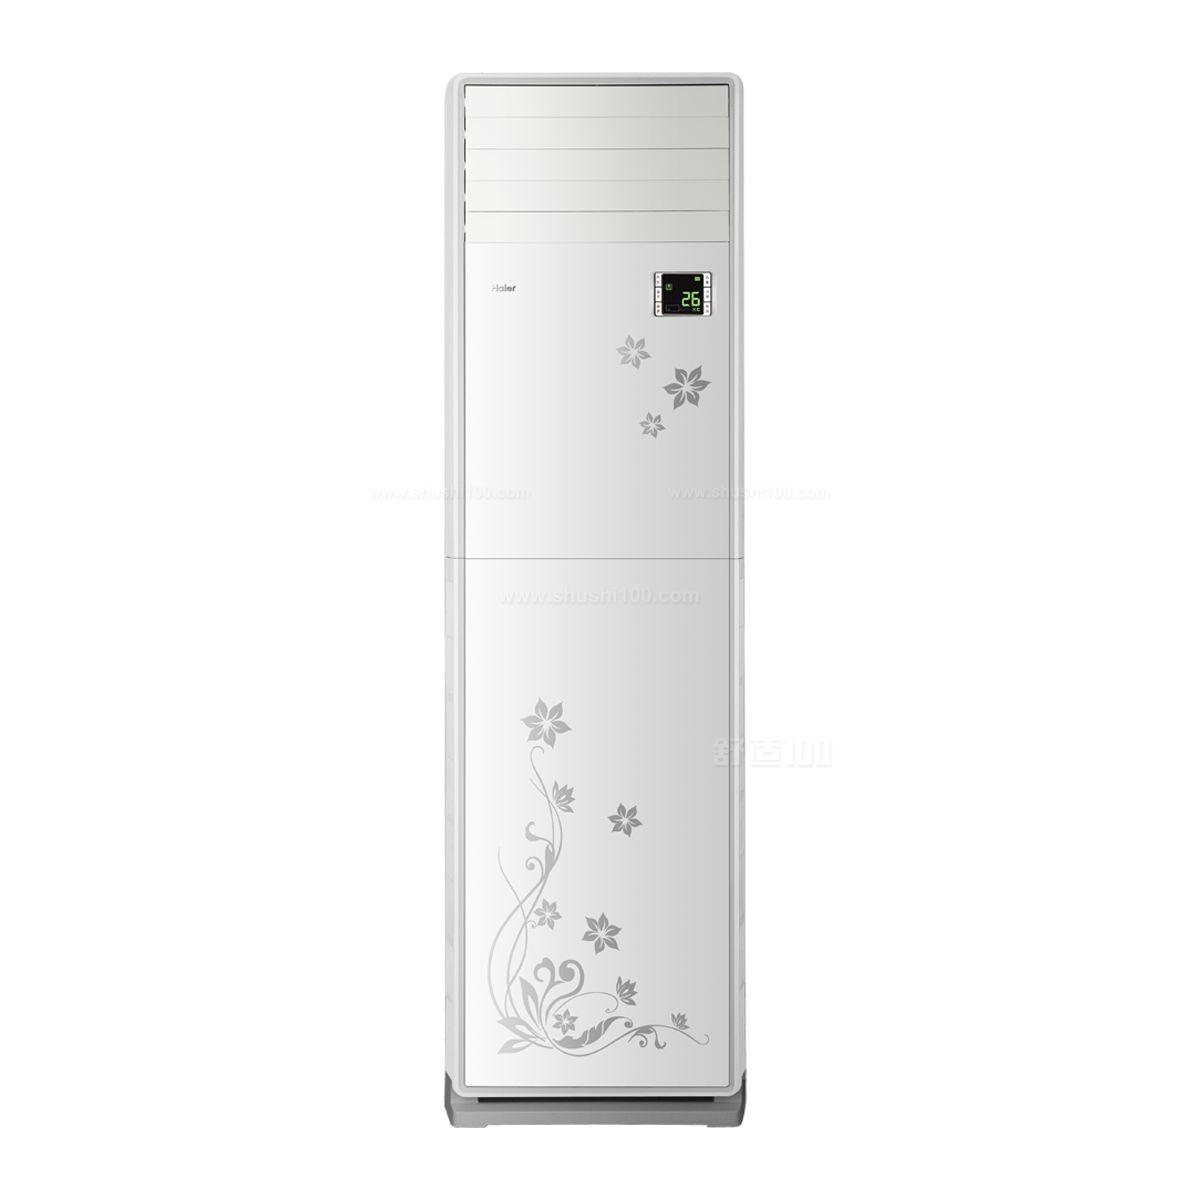 价格最贵,一般来说海尔柜式空调机的价格是市场上最贵的海尔家用空调器,通常情况下它的售价比分体式空调。安装技术要求高,正常情况下,空调出厂后只是完成了一半的半成品,必须在最终用户处把空调安装好,调试完毕以后,一部空调才能算是合格的成品。海尔柜式空调机对安装技术的要求比较高,安装工人必须经过正规的技术培训才能上岗,安装不好不但海尔柜式空调的噪音大,而且影响海尔柜式空调的使用寿命。 占用面积大,海尔柜式空调一般都需要比较大的室内面积,它需要放在房间中占用一定的面积,同窗式和分体式空调只安装在墙上和窗上相比,它不